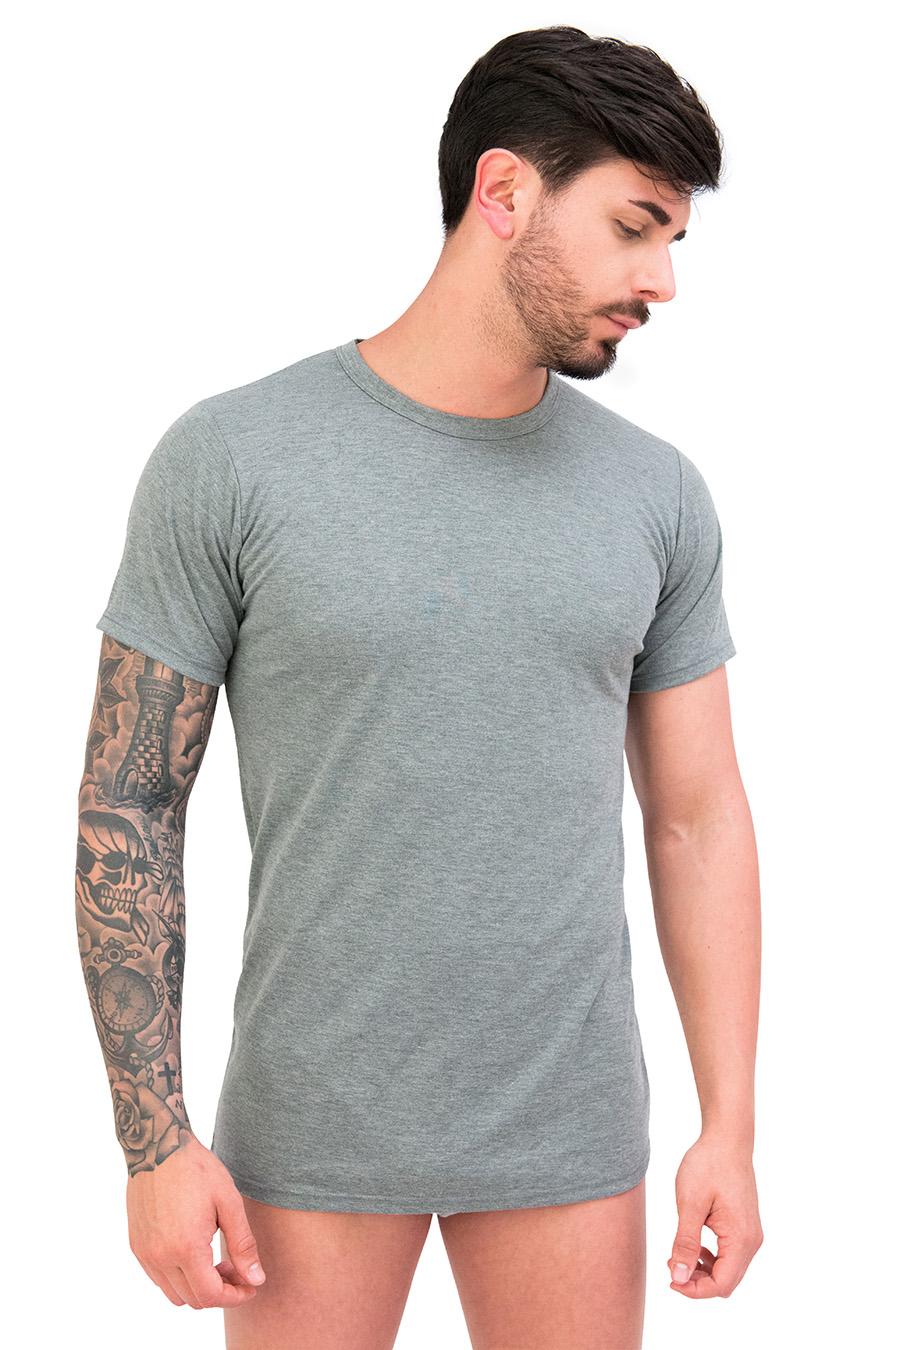 T-shirt in puro cotone termico invernale 9300